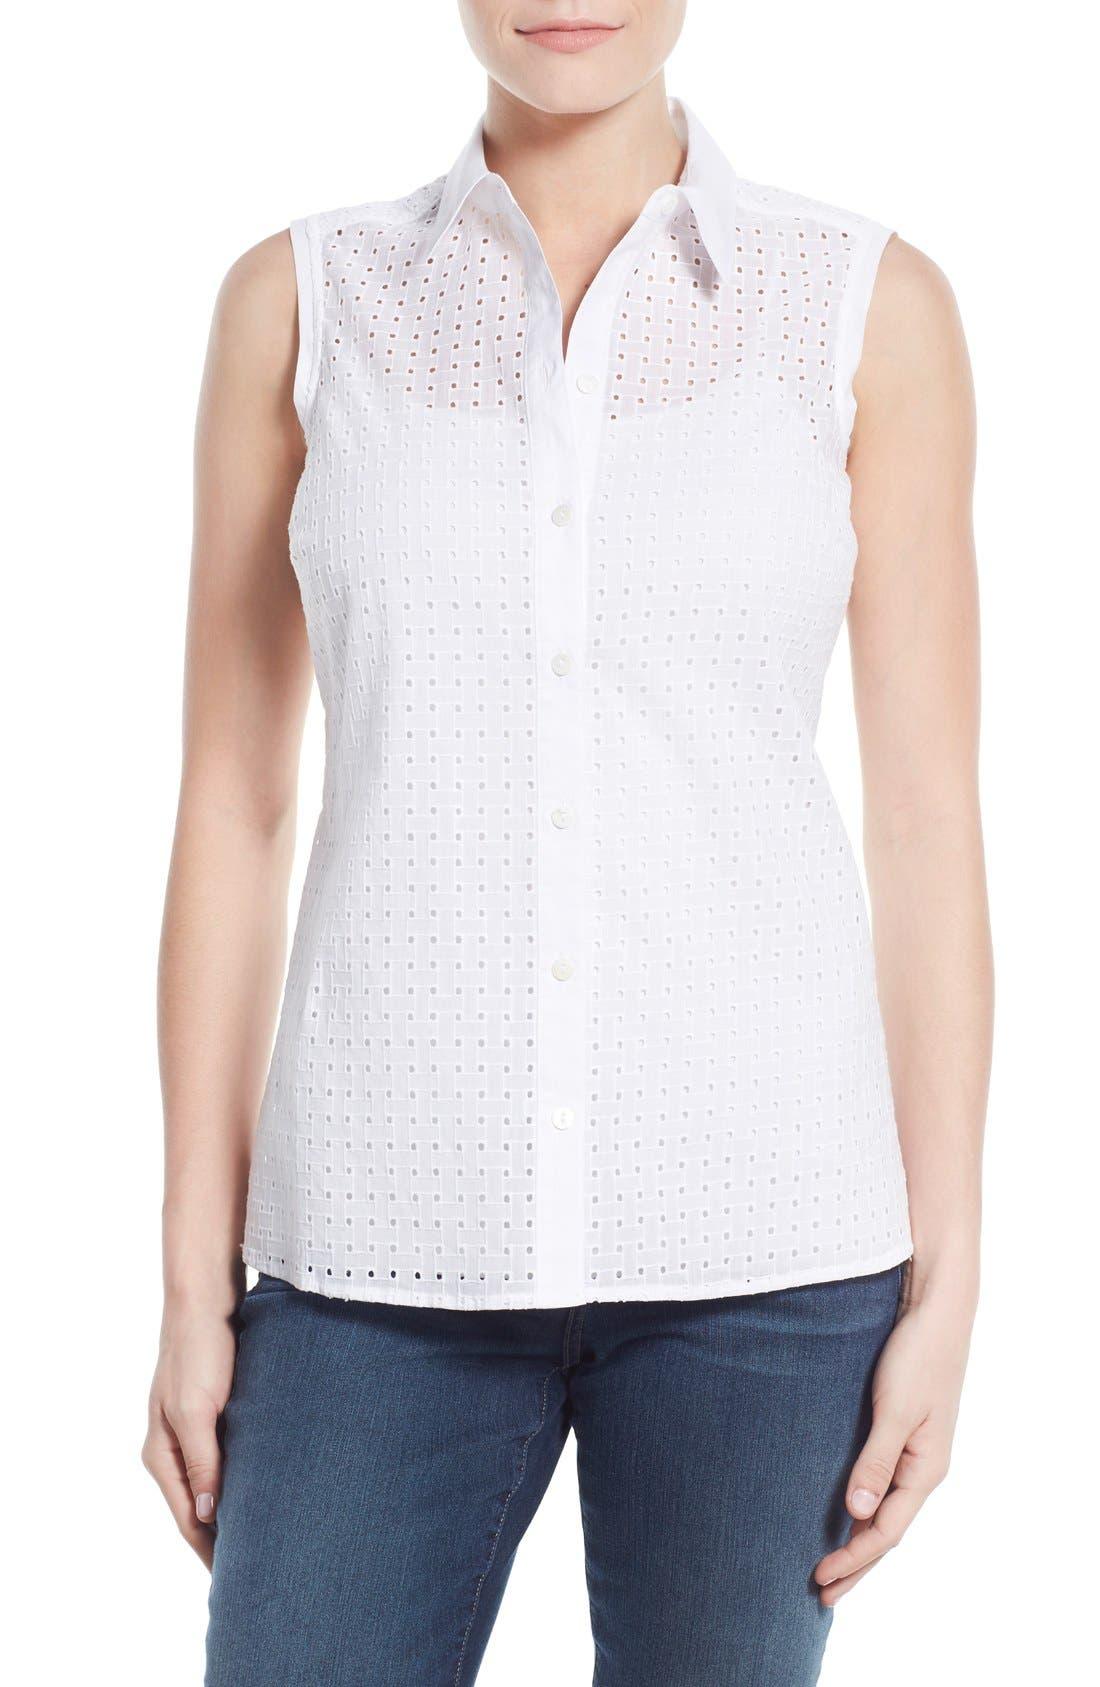 Main Image - Foxcroft Basket Weave Eyelet Sleeveless Shirt